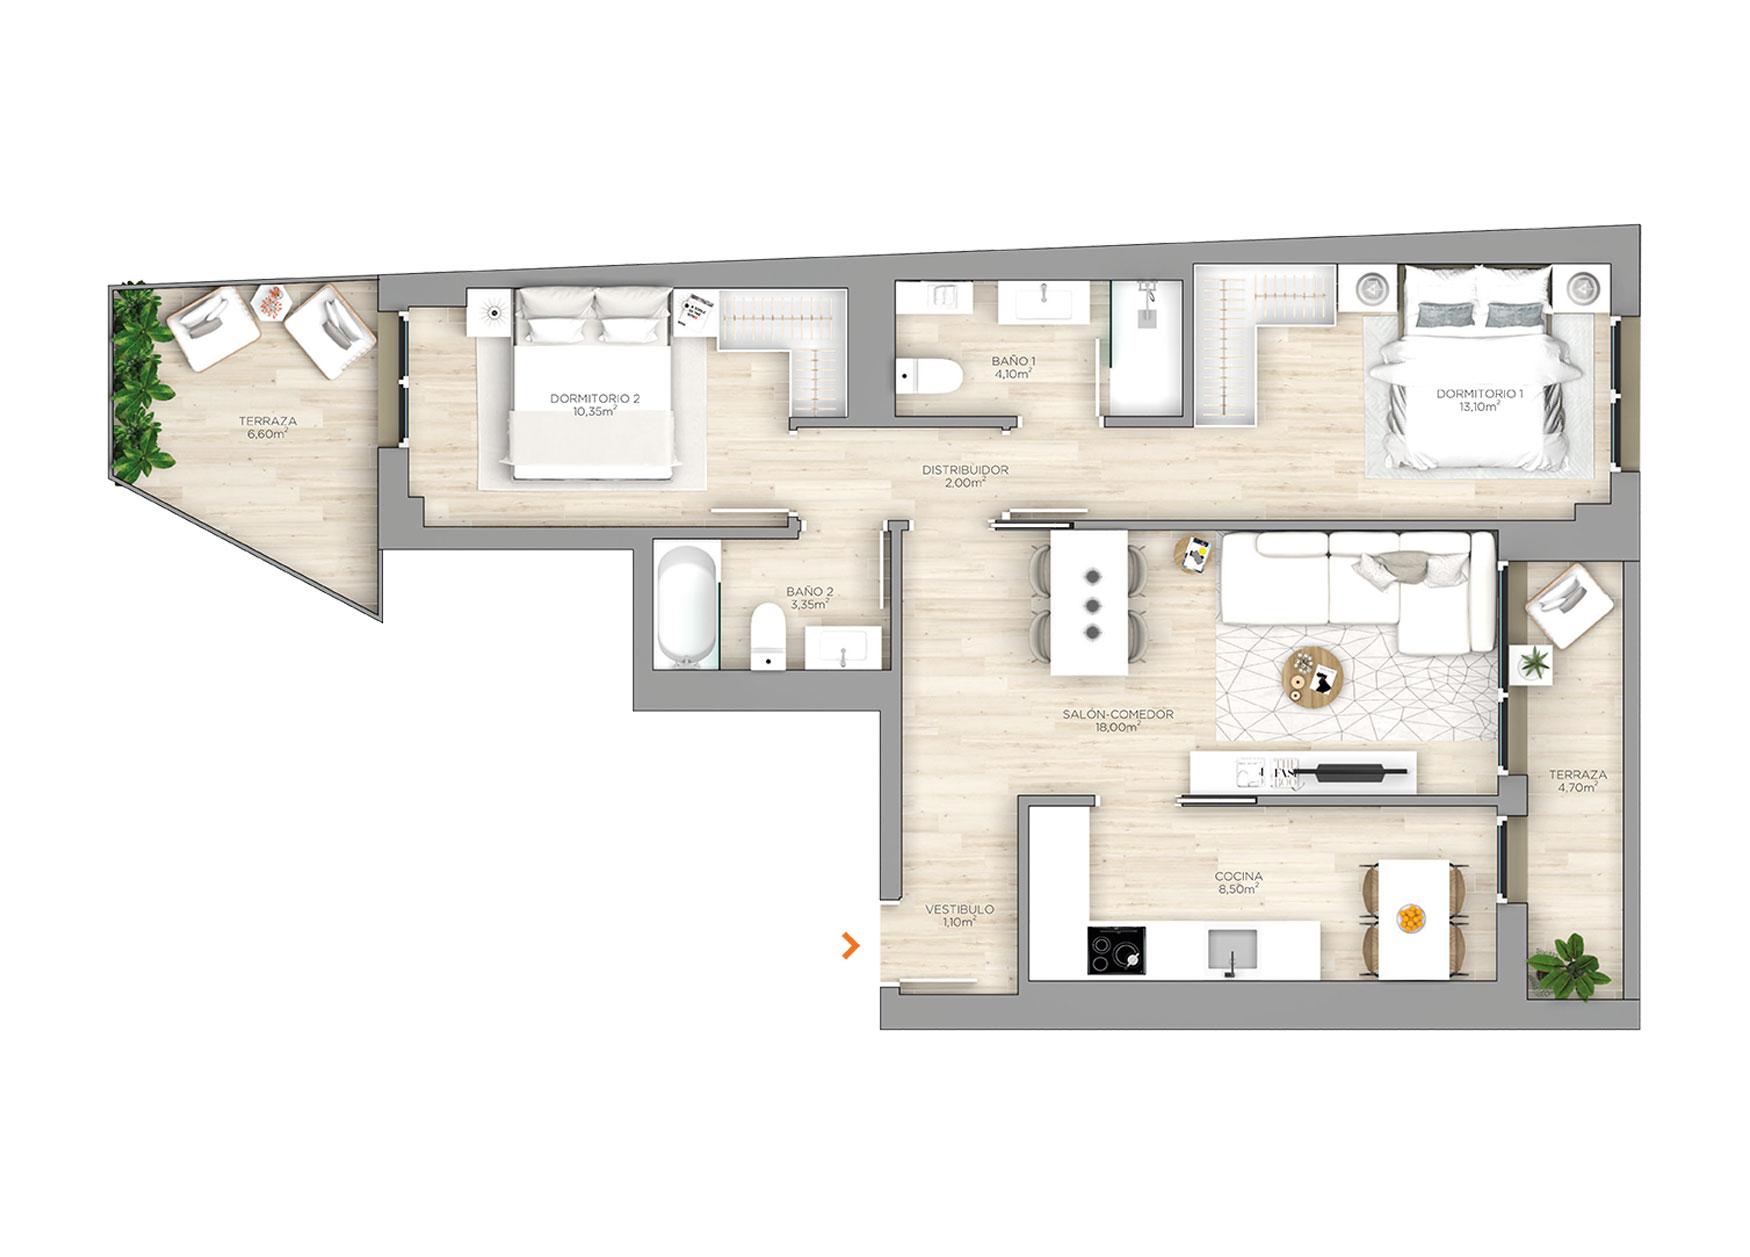 Arrosadia-construcciones-andia_AF_PLANO-PLANTA-BAJA-A-1